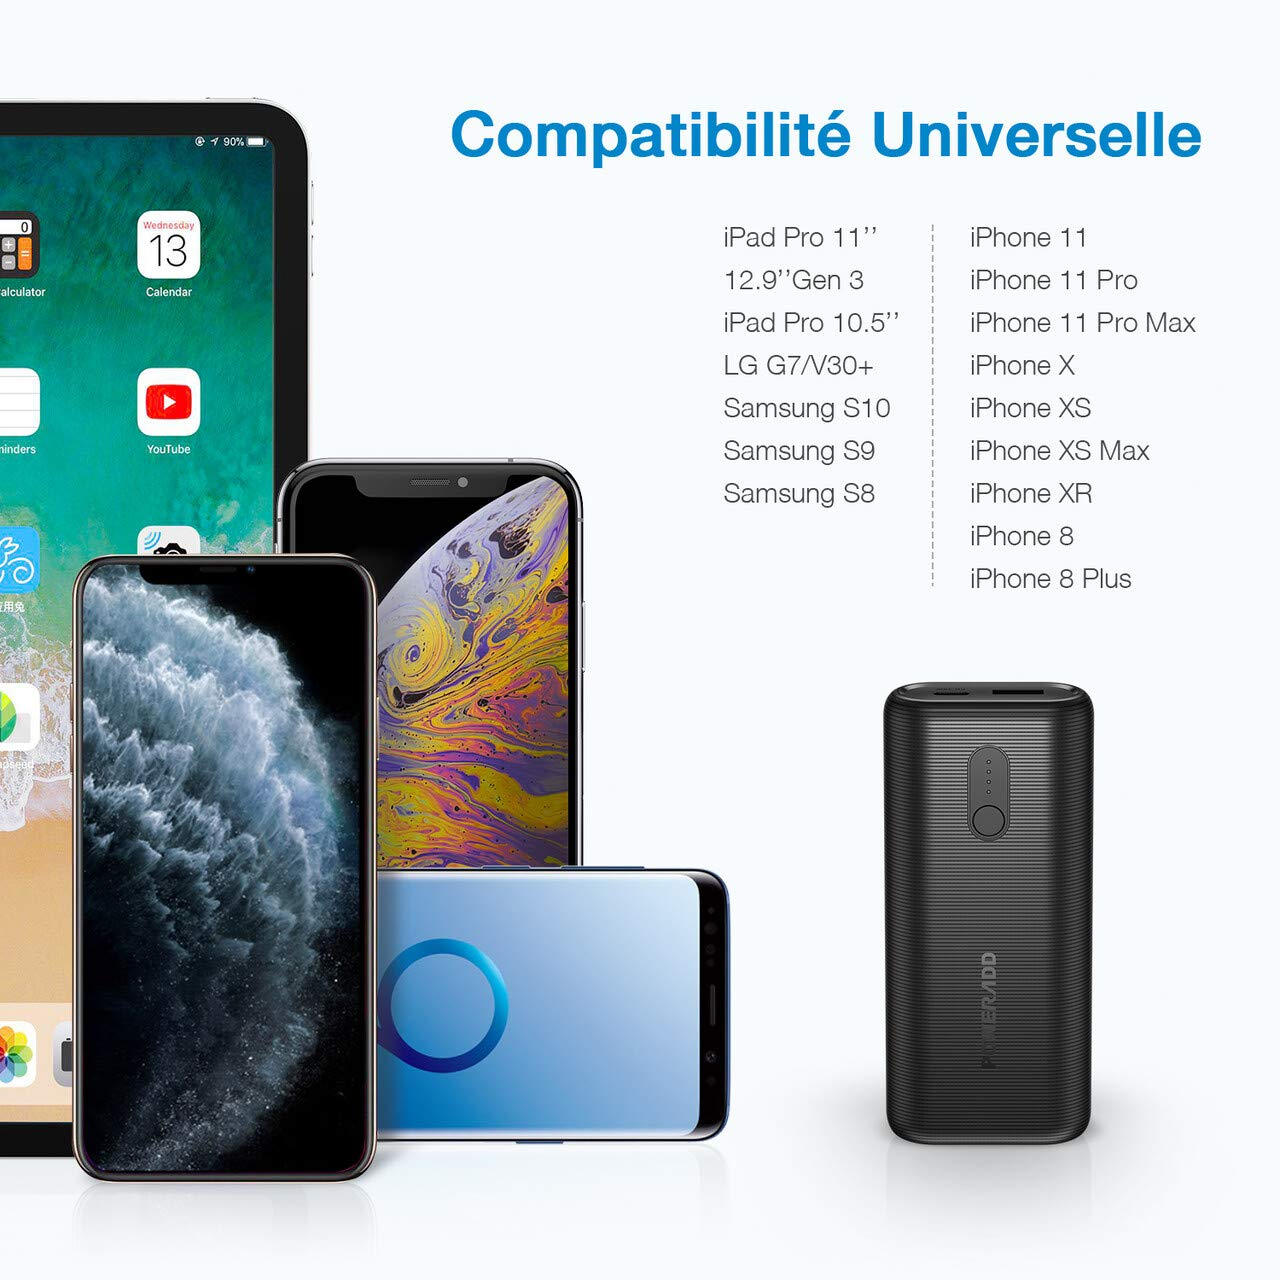 POWERADD EnergyCell II 10000mAh Batterie Externe 18W PD Ultra Mini avec Port Entrée et Sortie USB C Power Delivery Charge Rapide pour iPhone Huawei Samsung Wiko-Noir